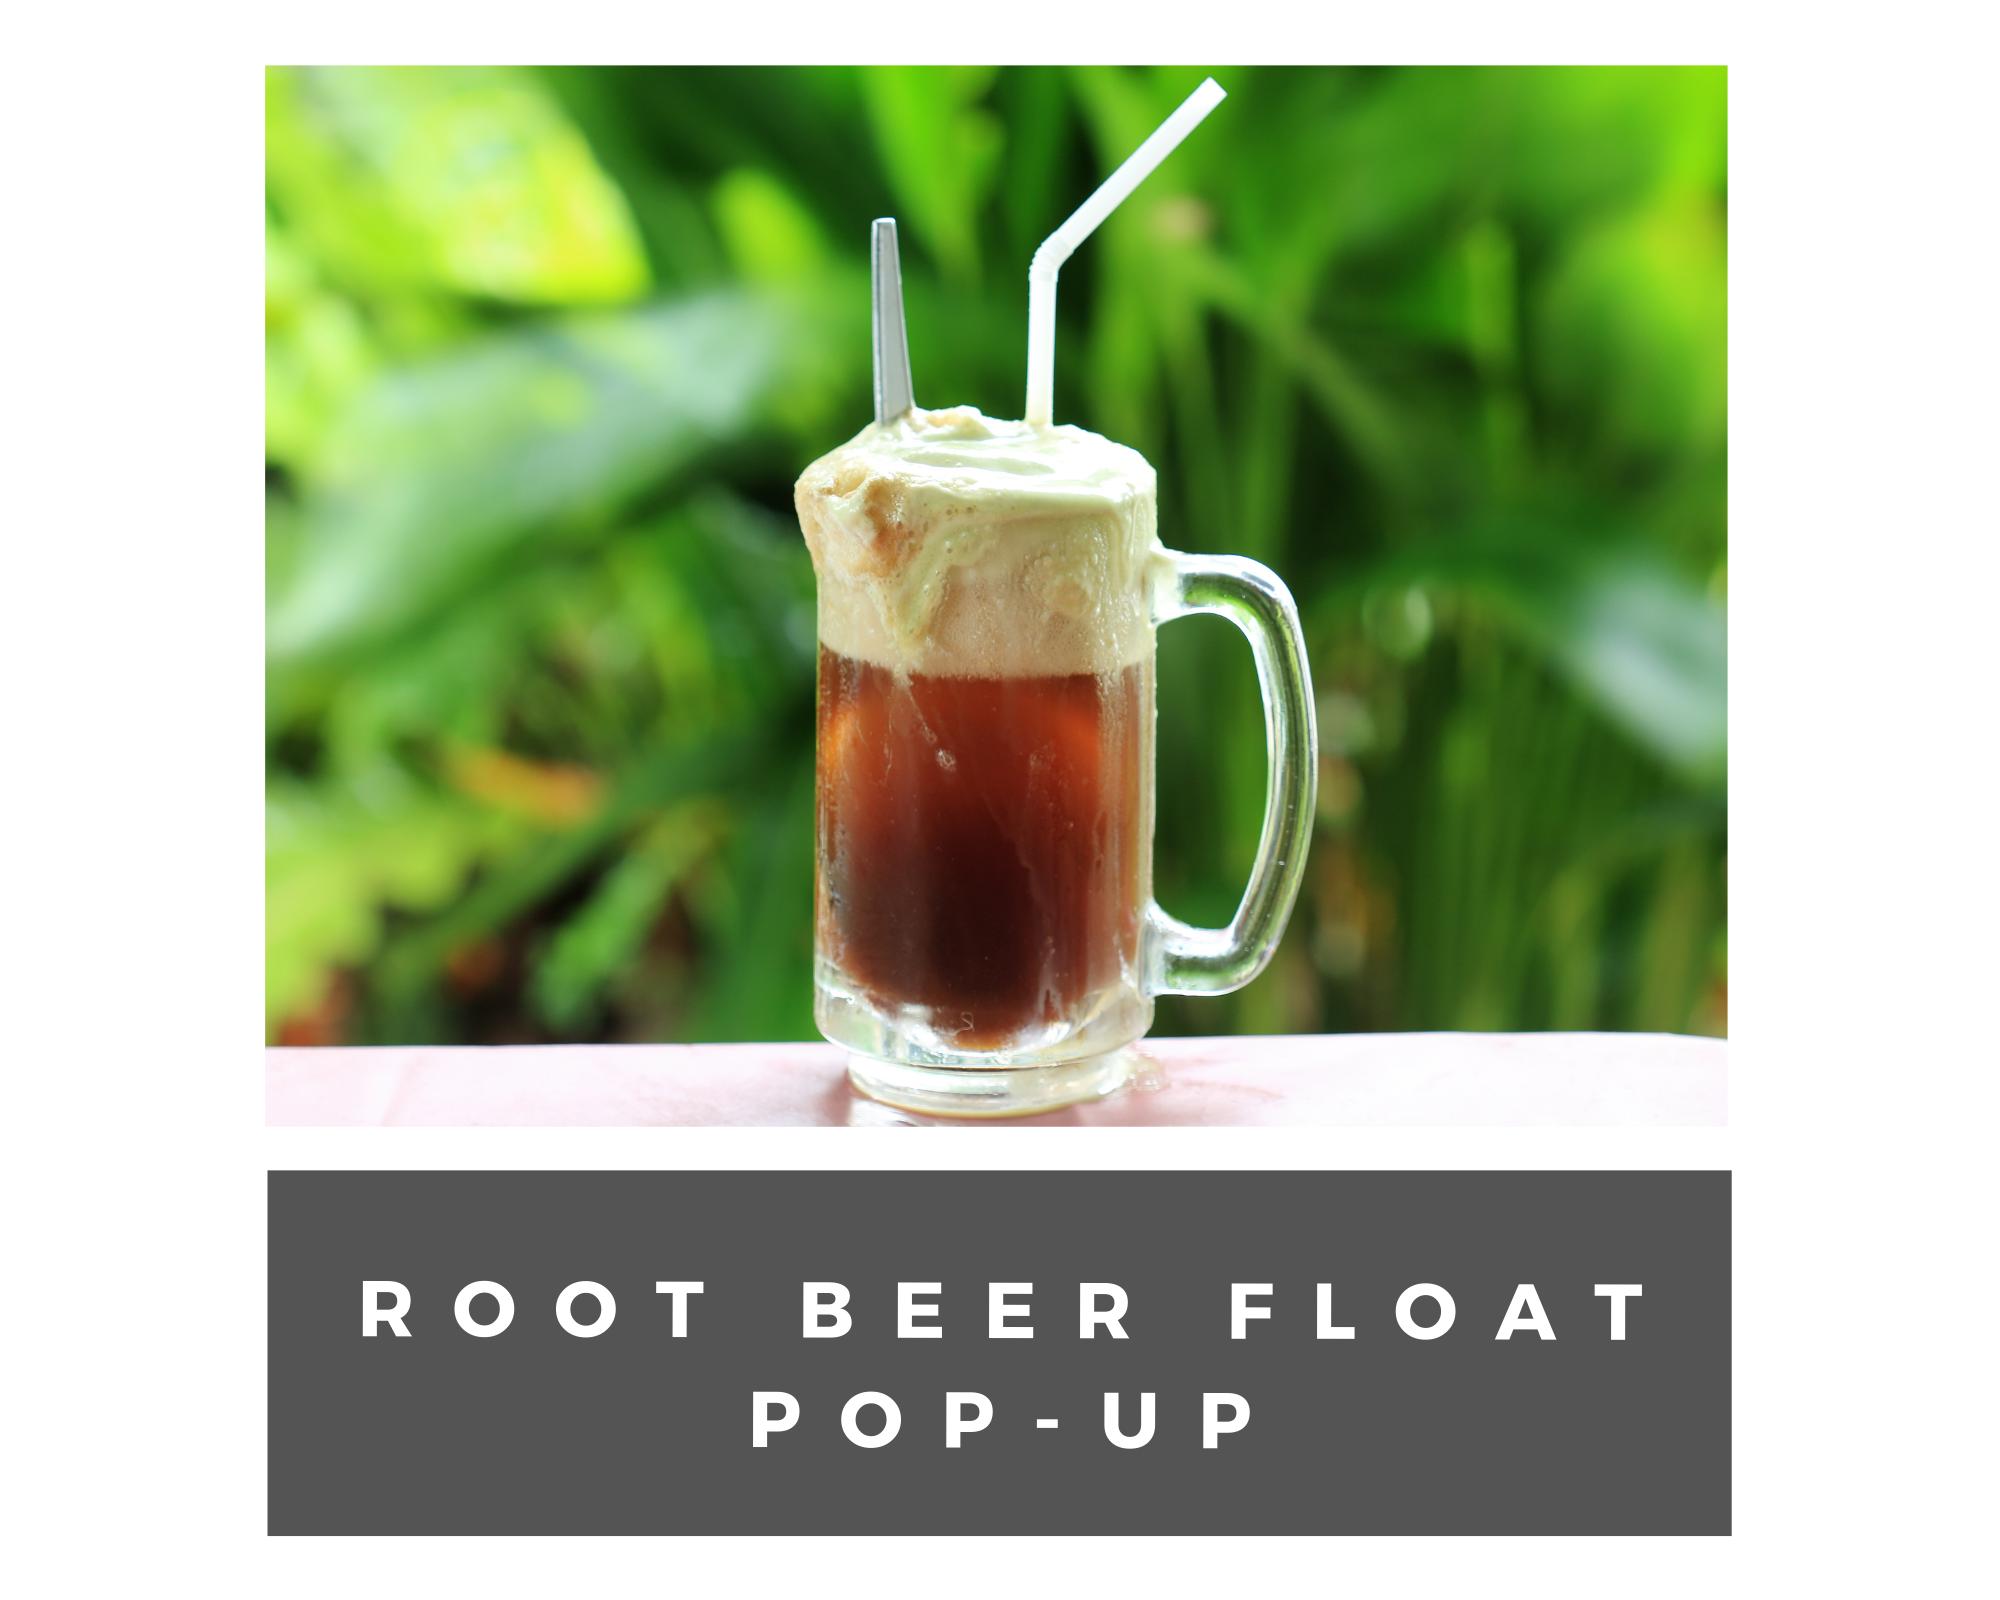 Root beer float pop up